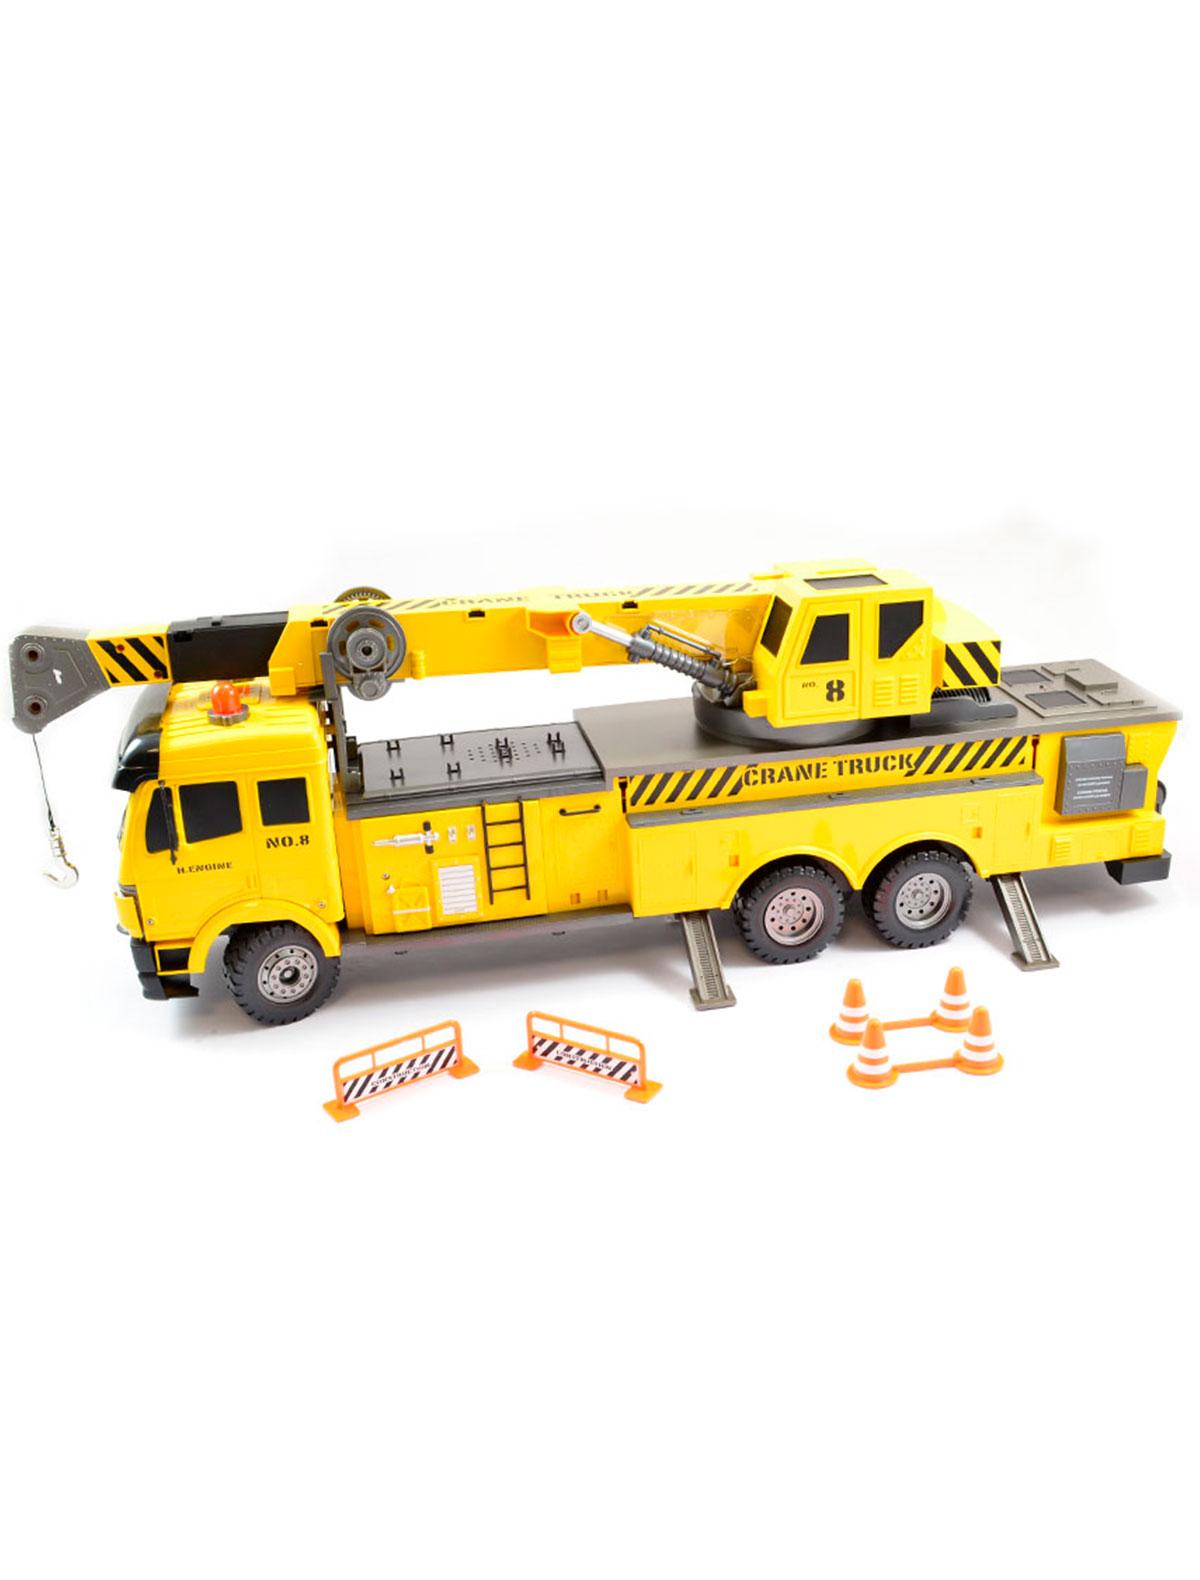 Купить 2349847, Игрушка Hobby engine, желтый, 7134529180714